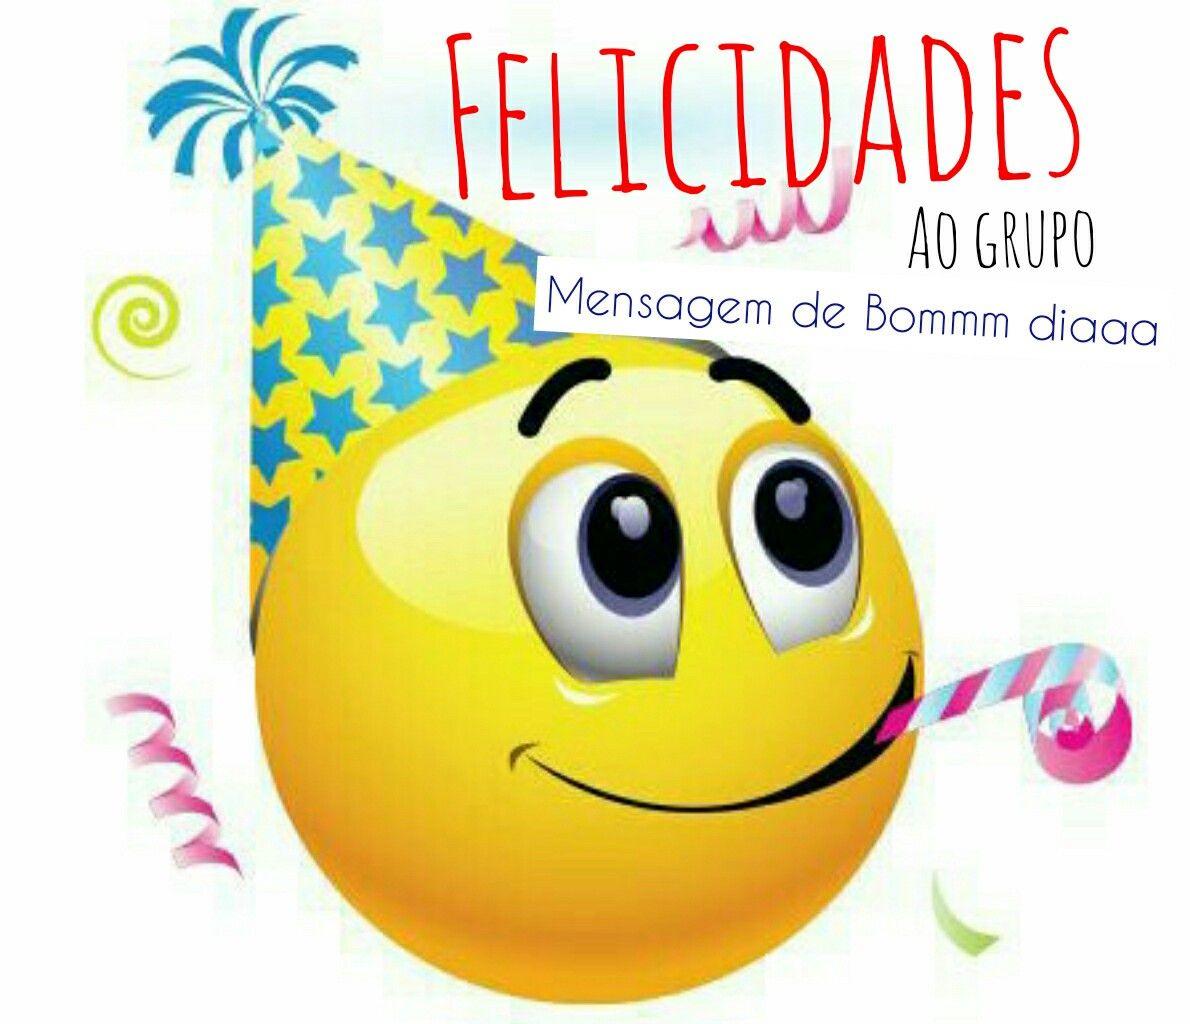 Pin de Sosilva em bem vindos Feliz aniversário, Emoticon